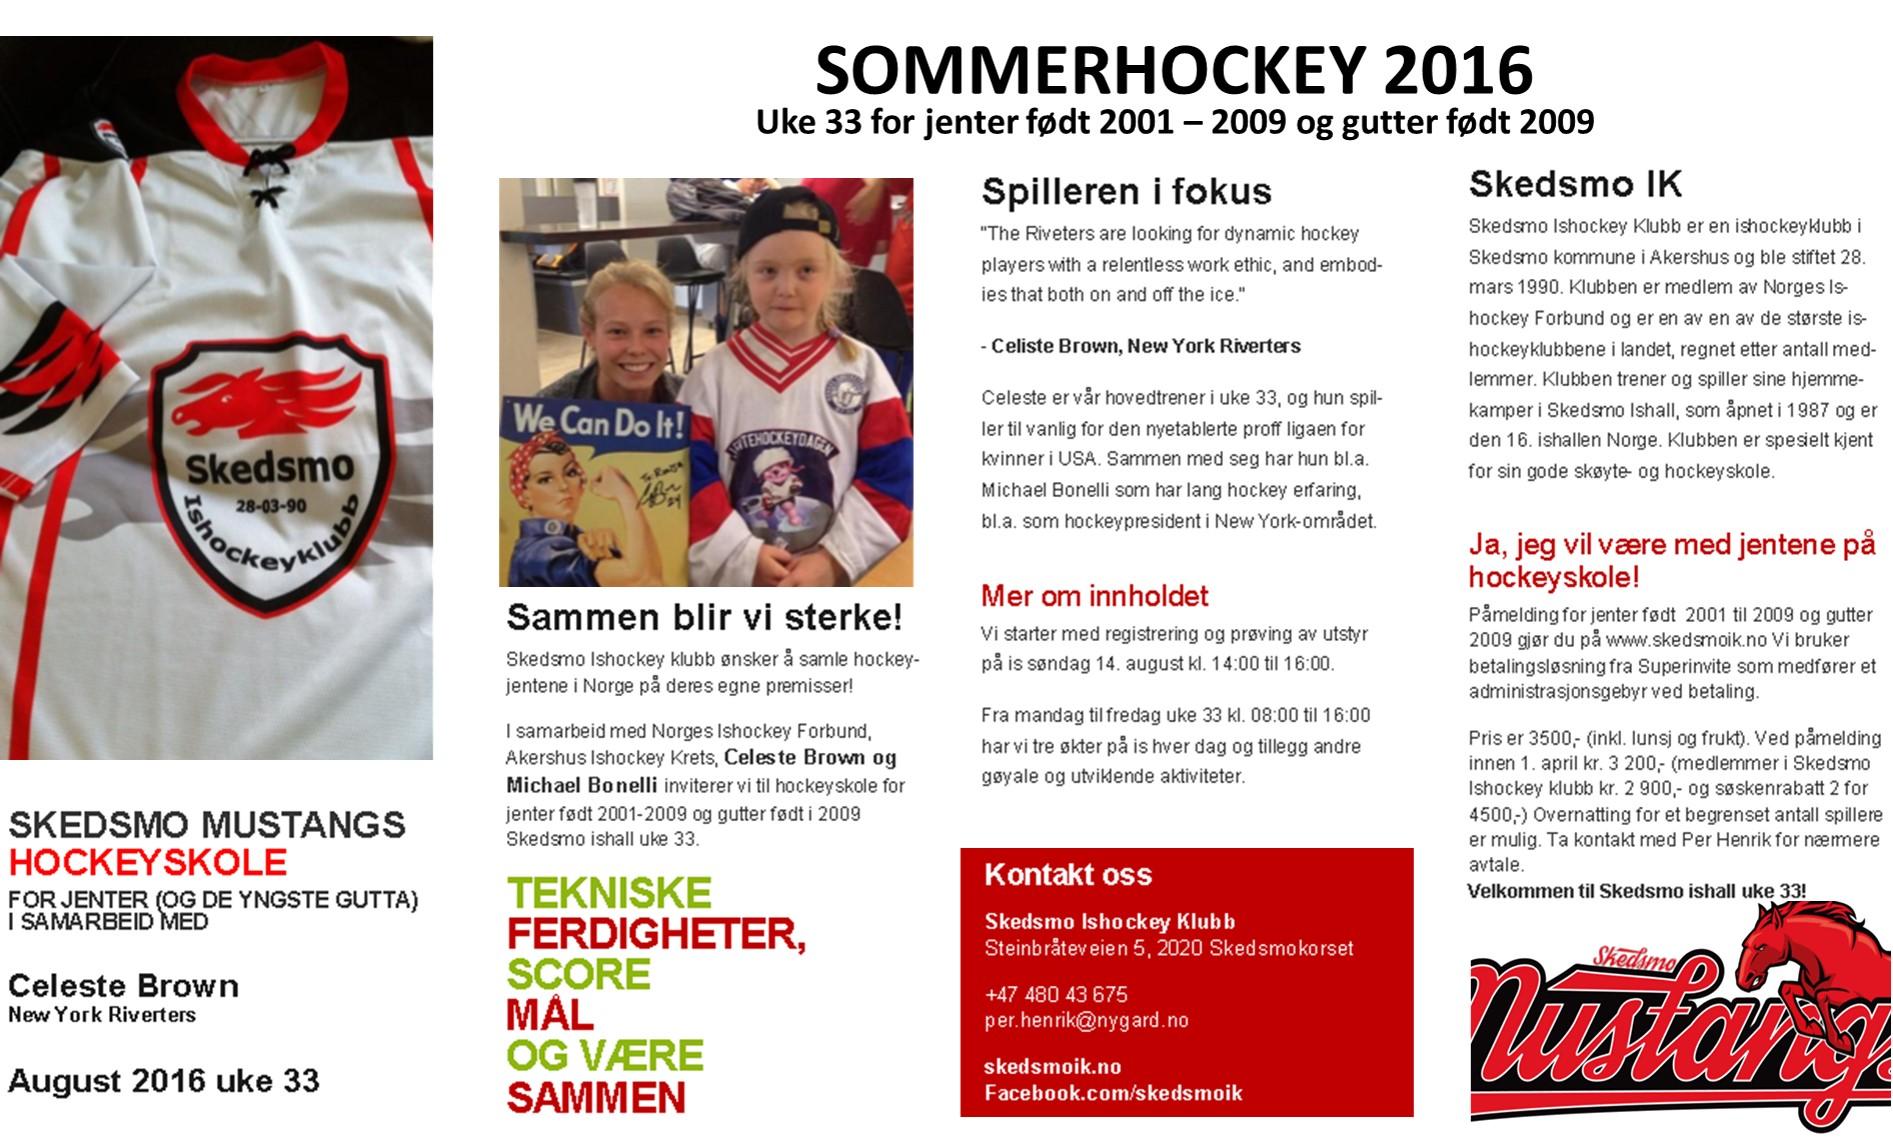 160206 Sommerhockey uke 33 jenter web